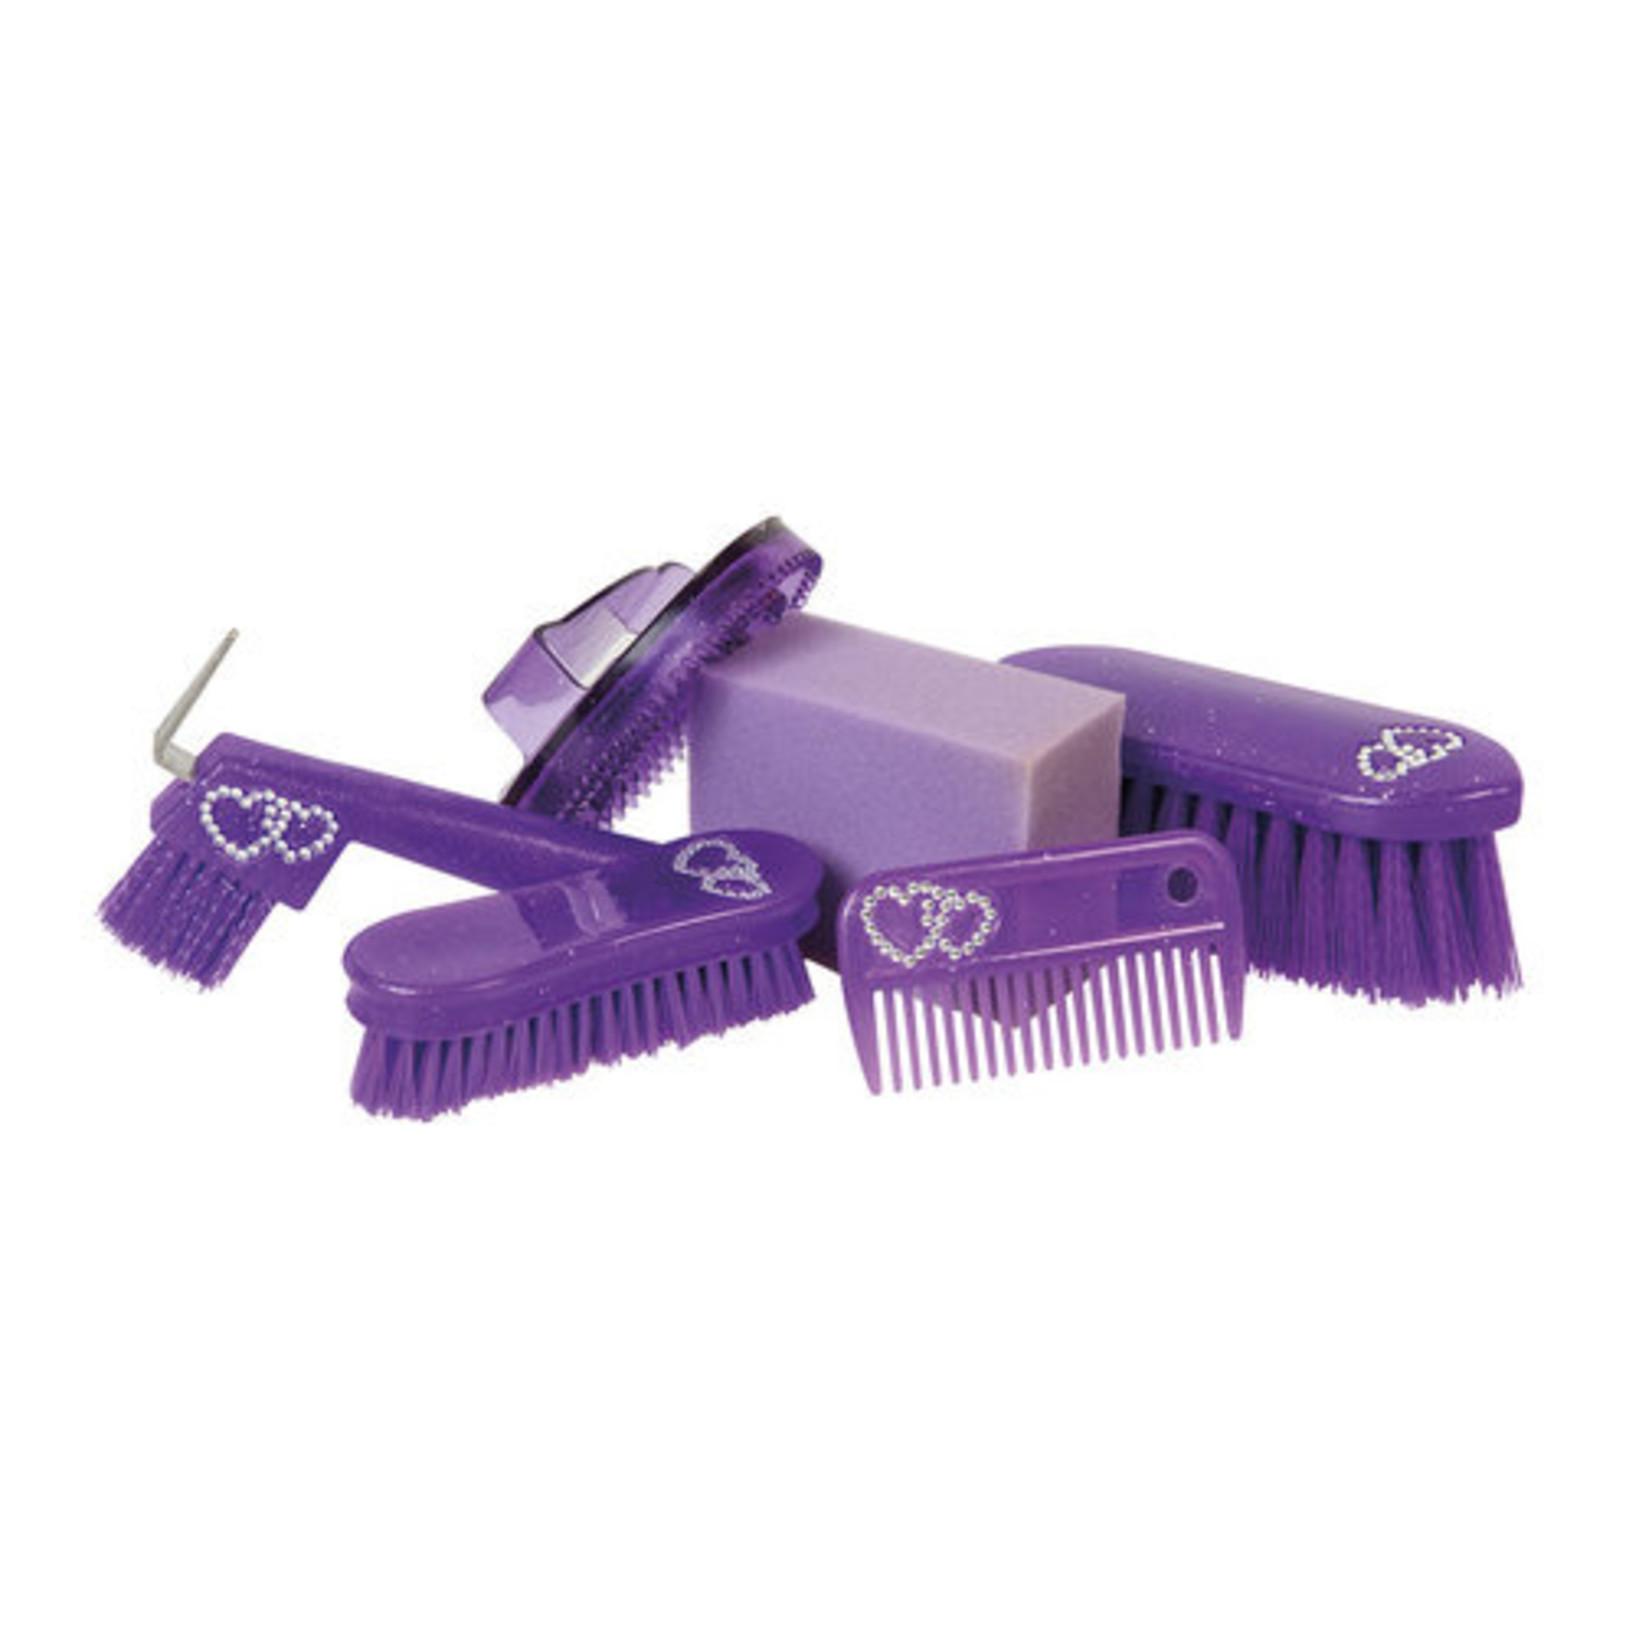 Weaver Grooming Kit - Purple